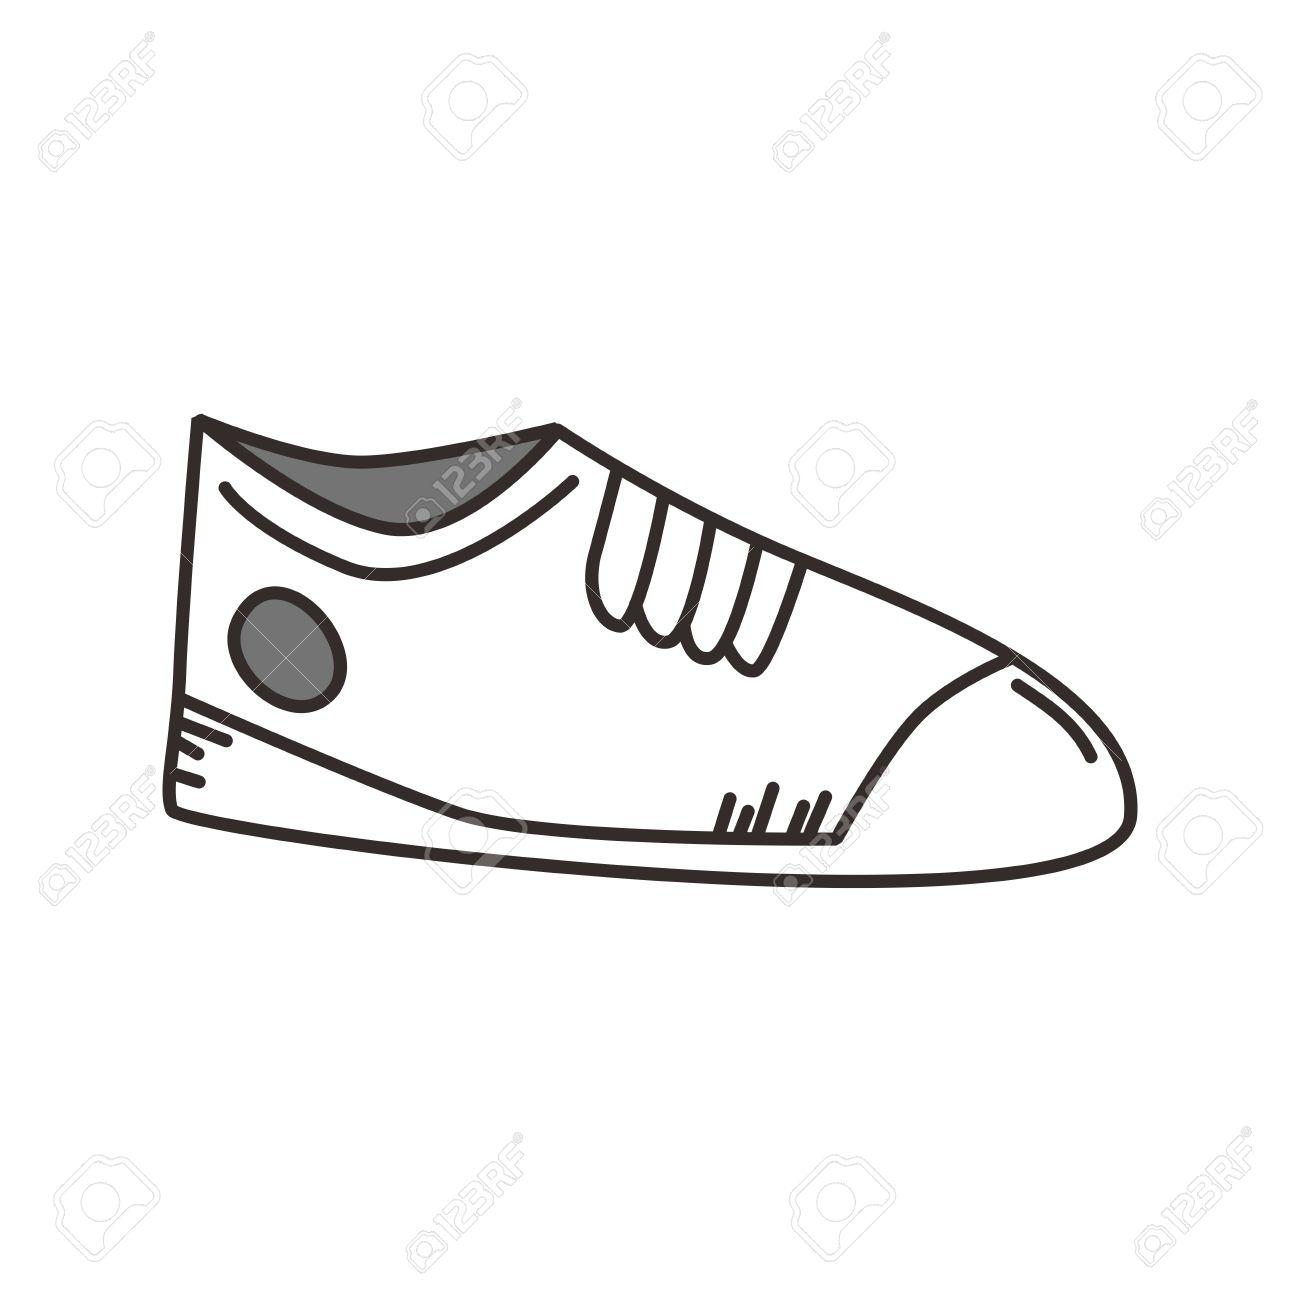 1300x1300 Drawn Shoe